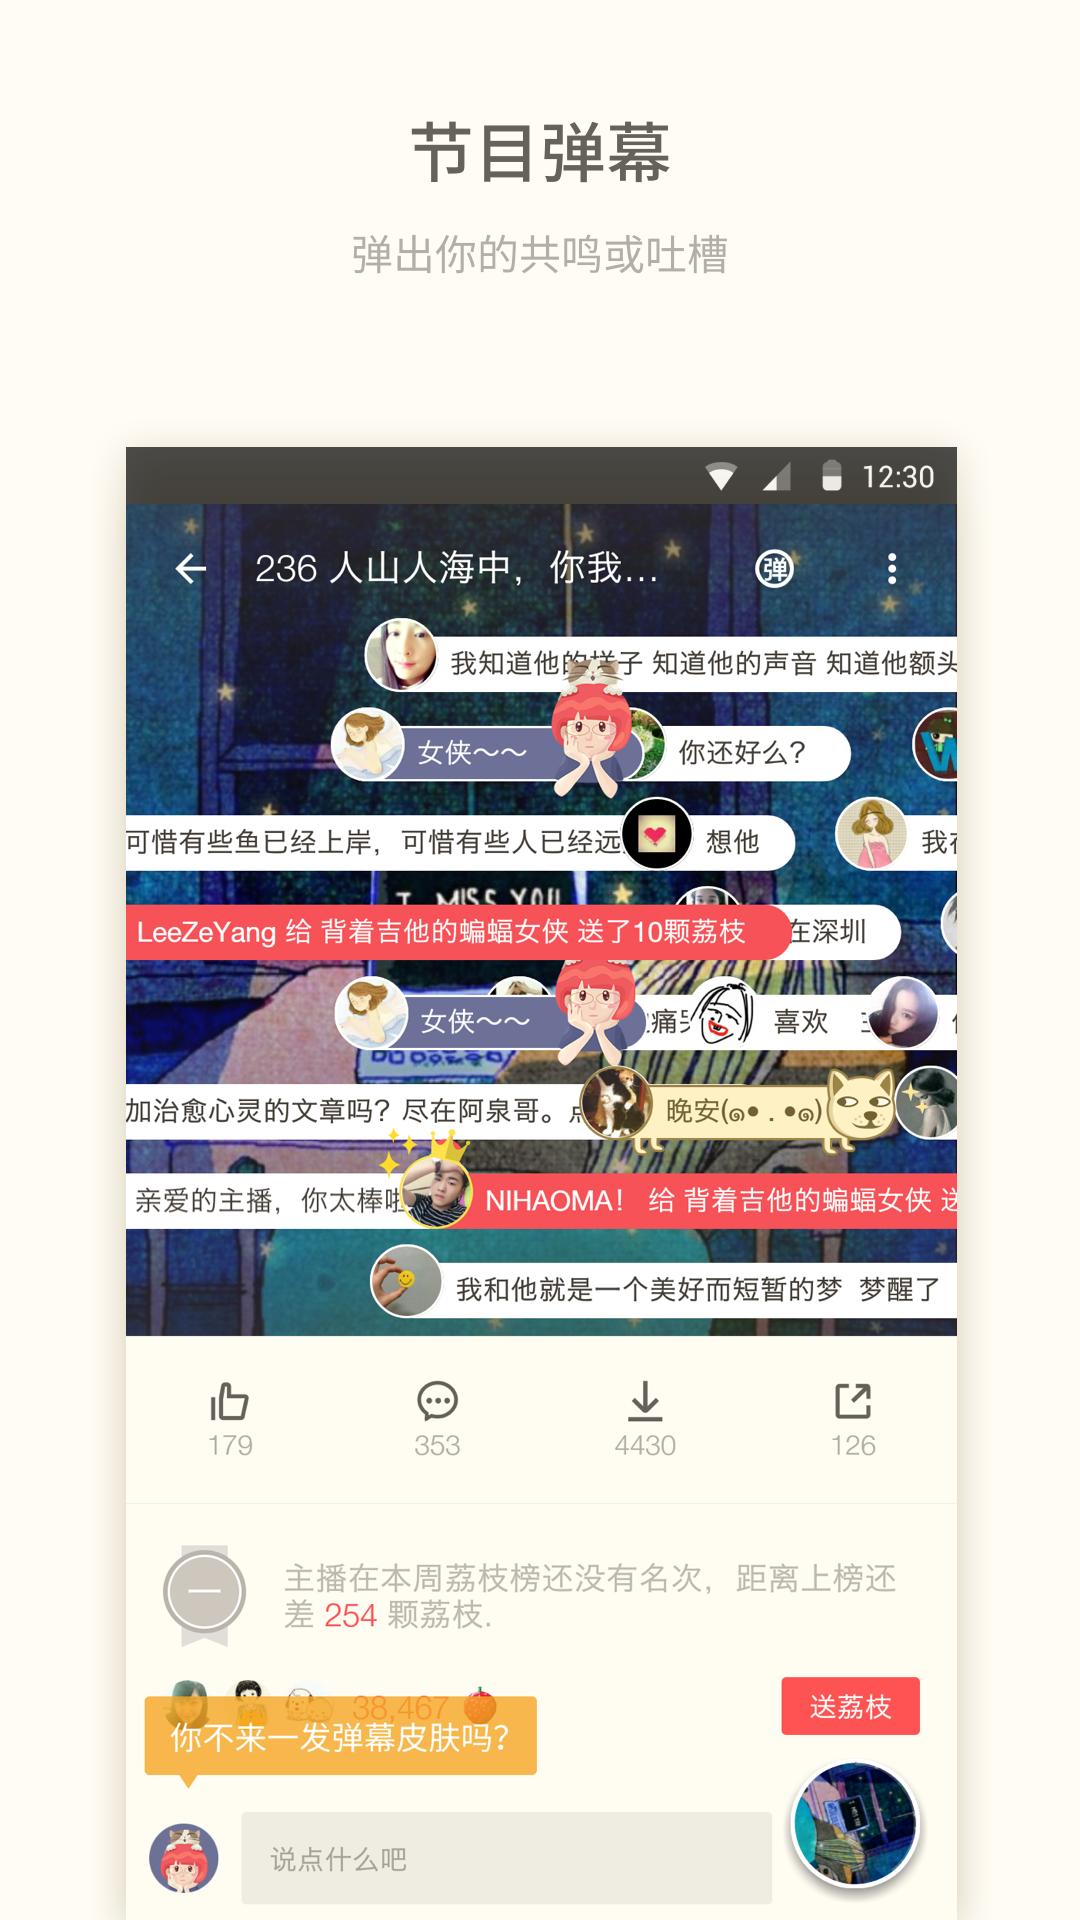 荔枝FMV5.13.3 安卓版